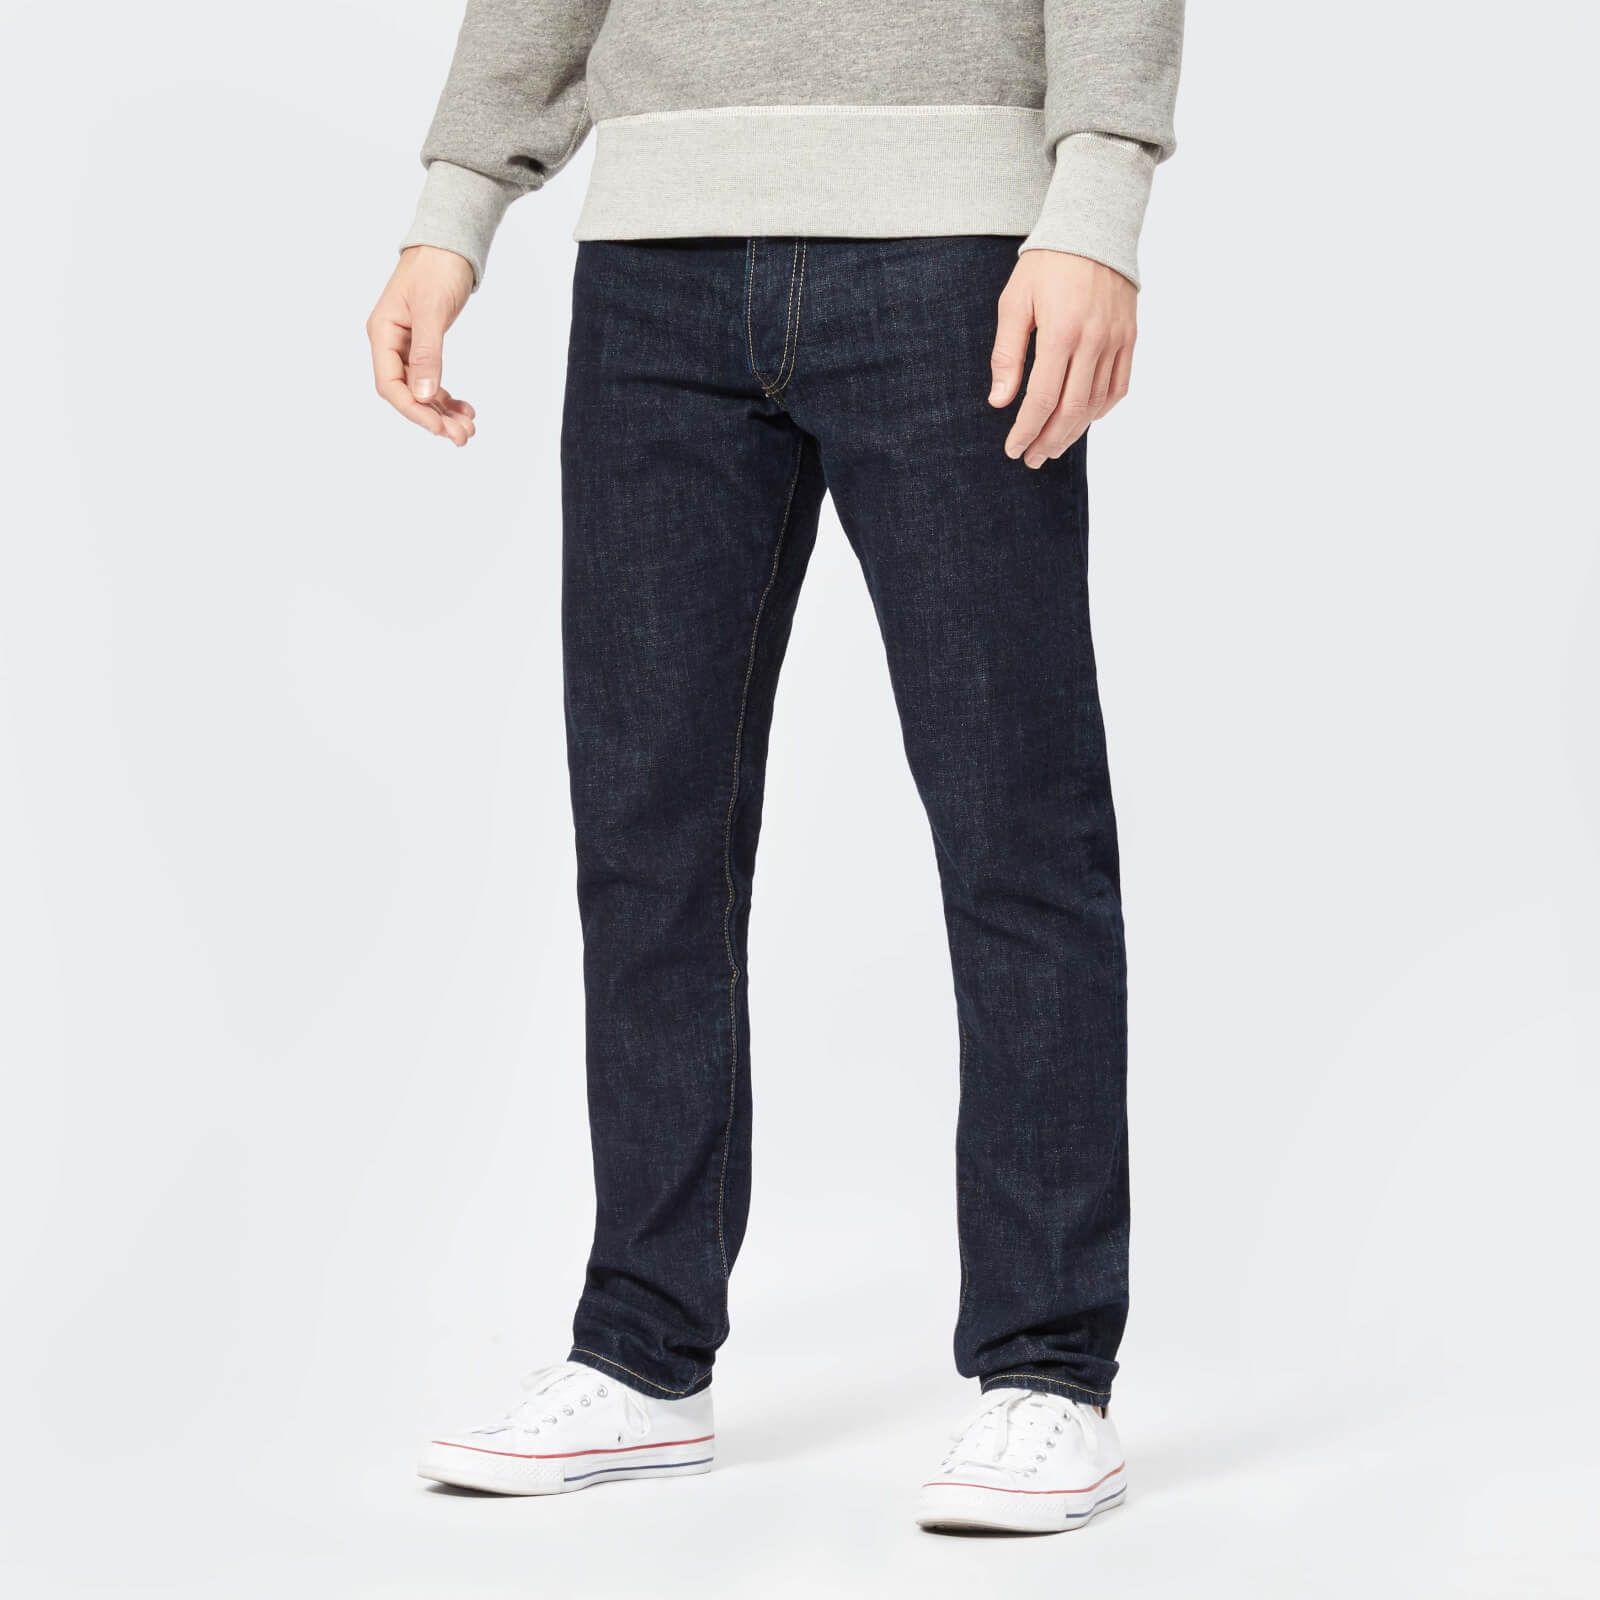 Polo ralph lauren mens slim fit jeans blue affiliate